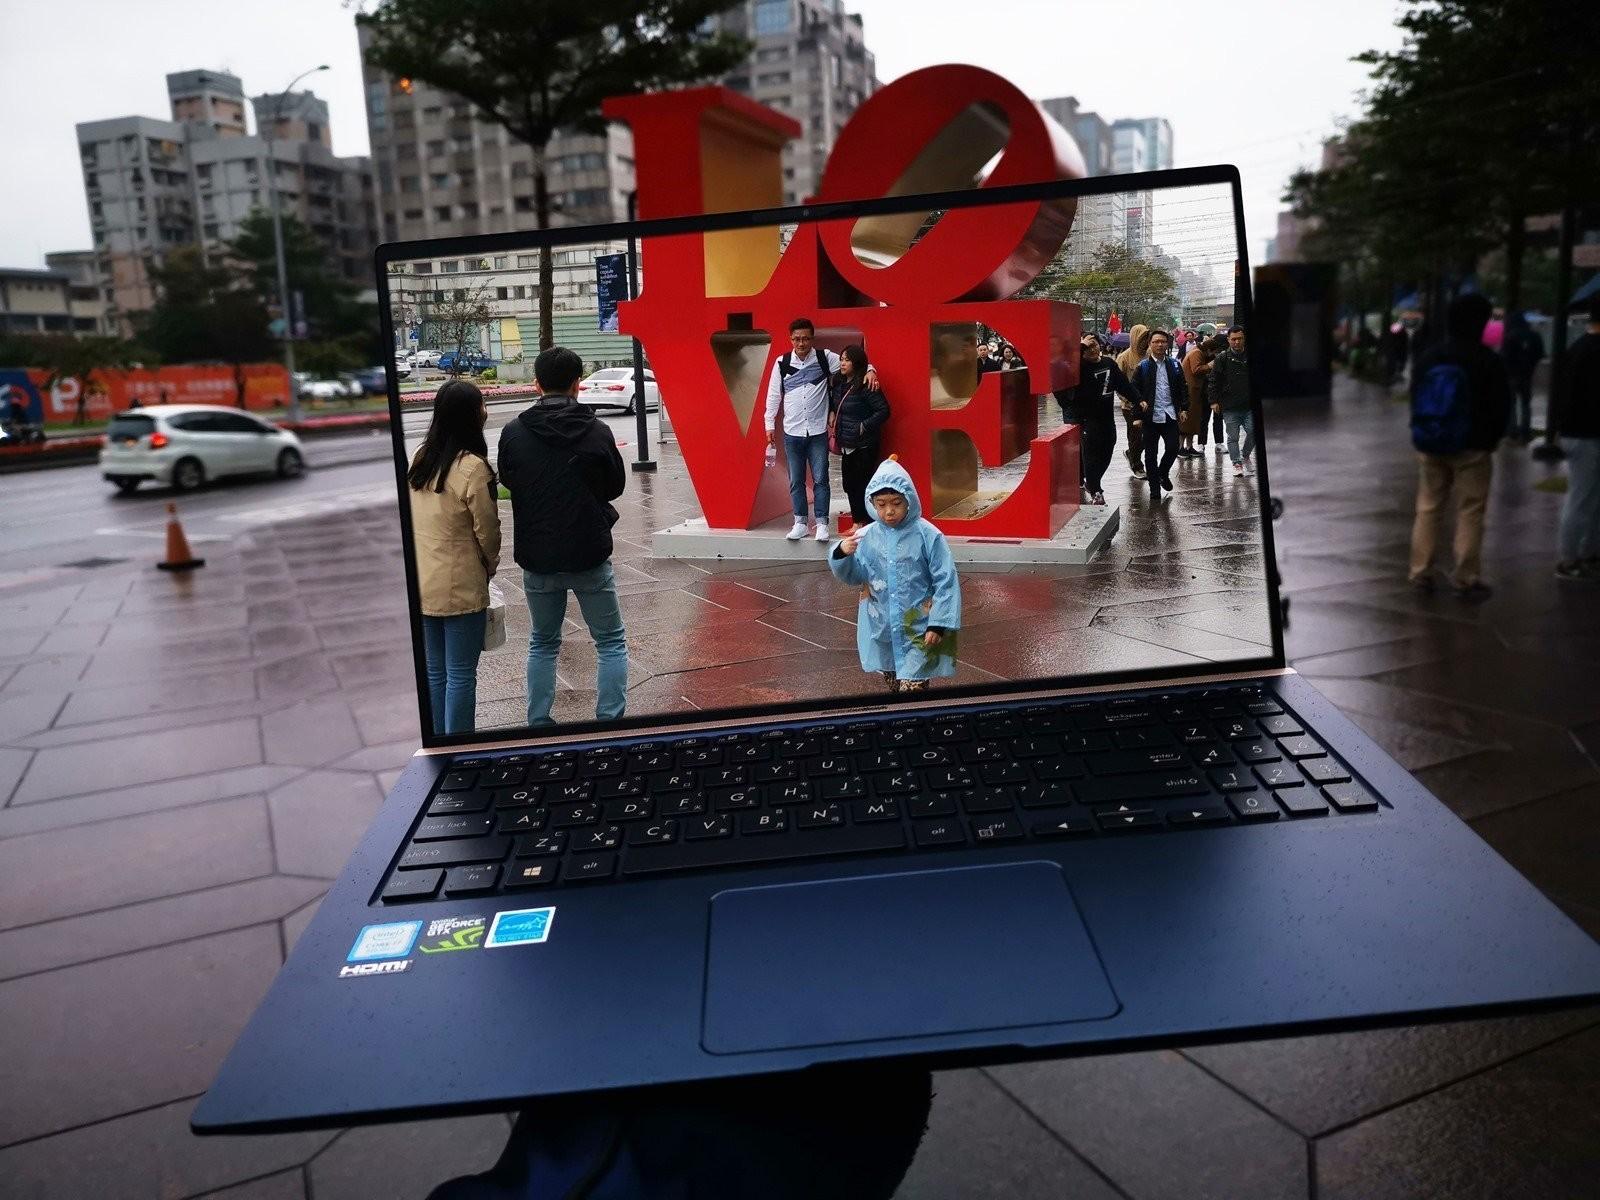 是美.力 無邊 ASUS ZenBook 15 (UX533FD) 不僅世界最小,還有獨立顯卡的輕薄怪獸筆記型電腦!這篇文章的首圖